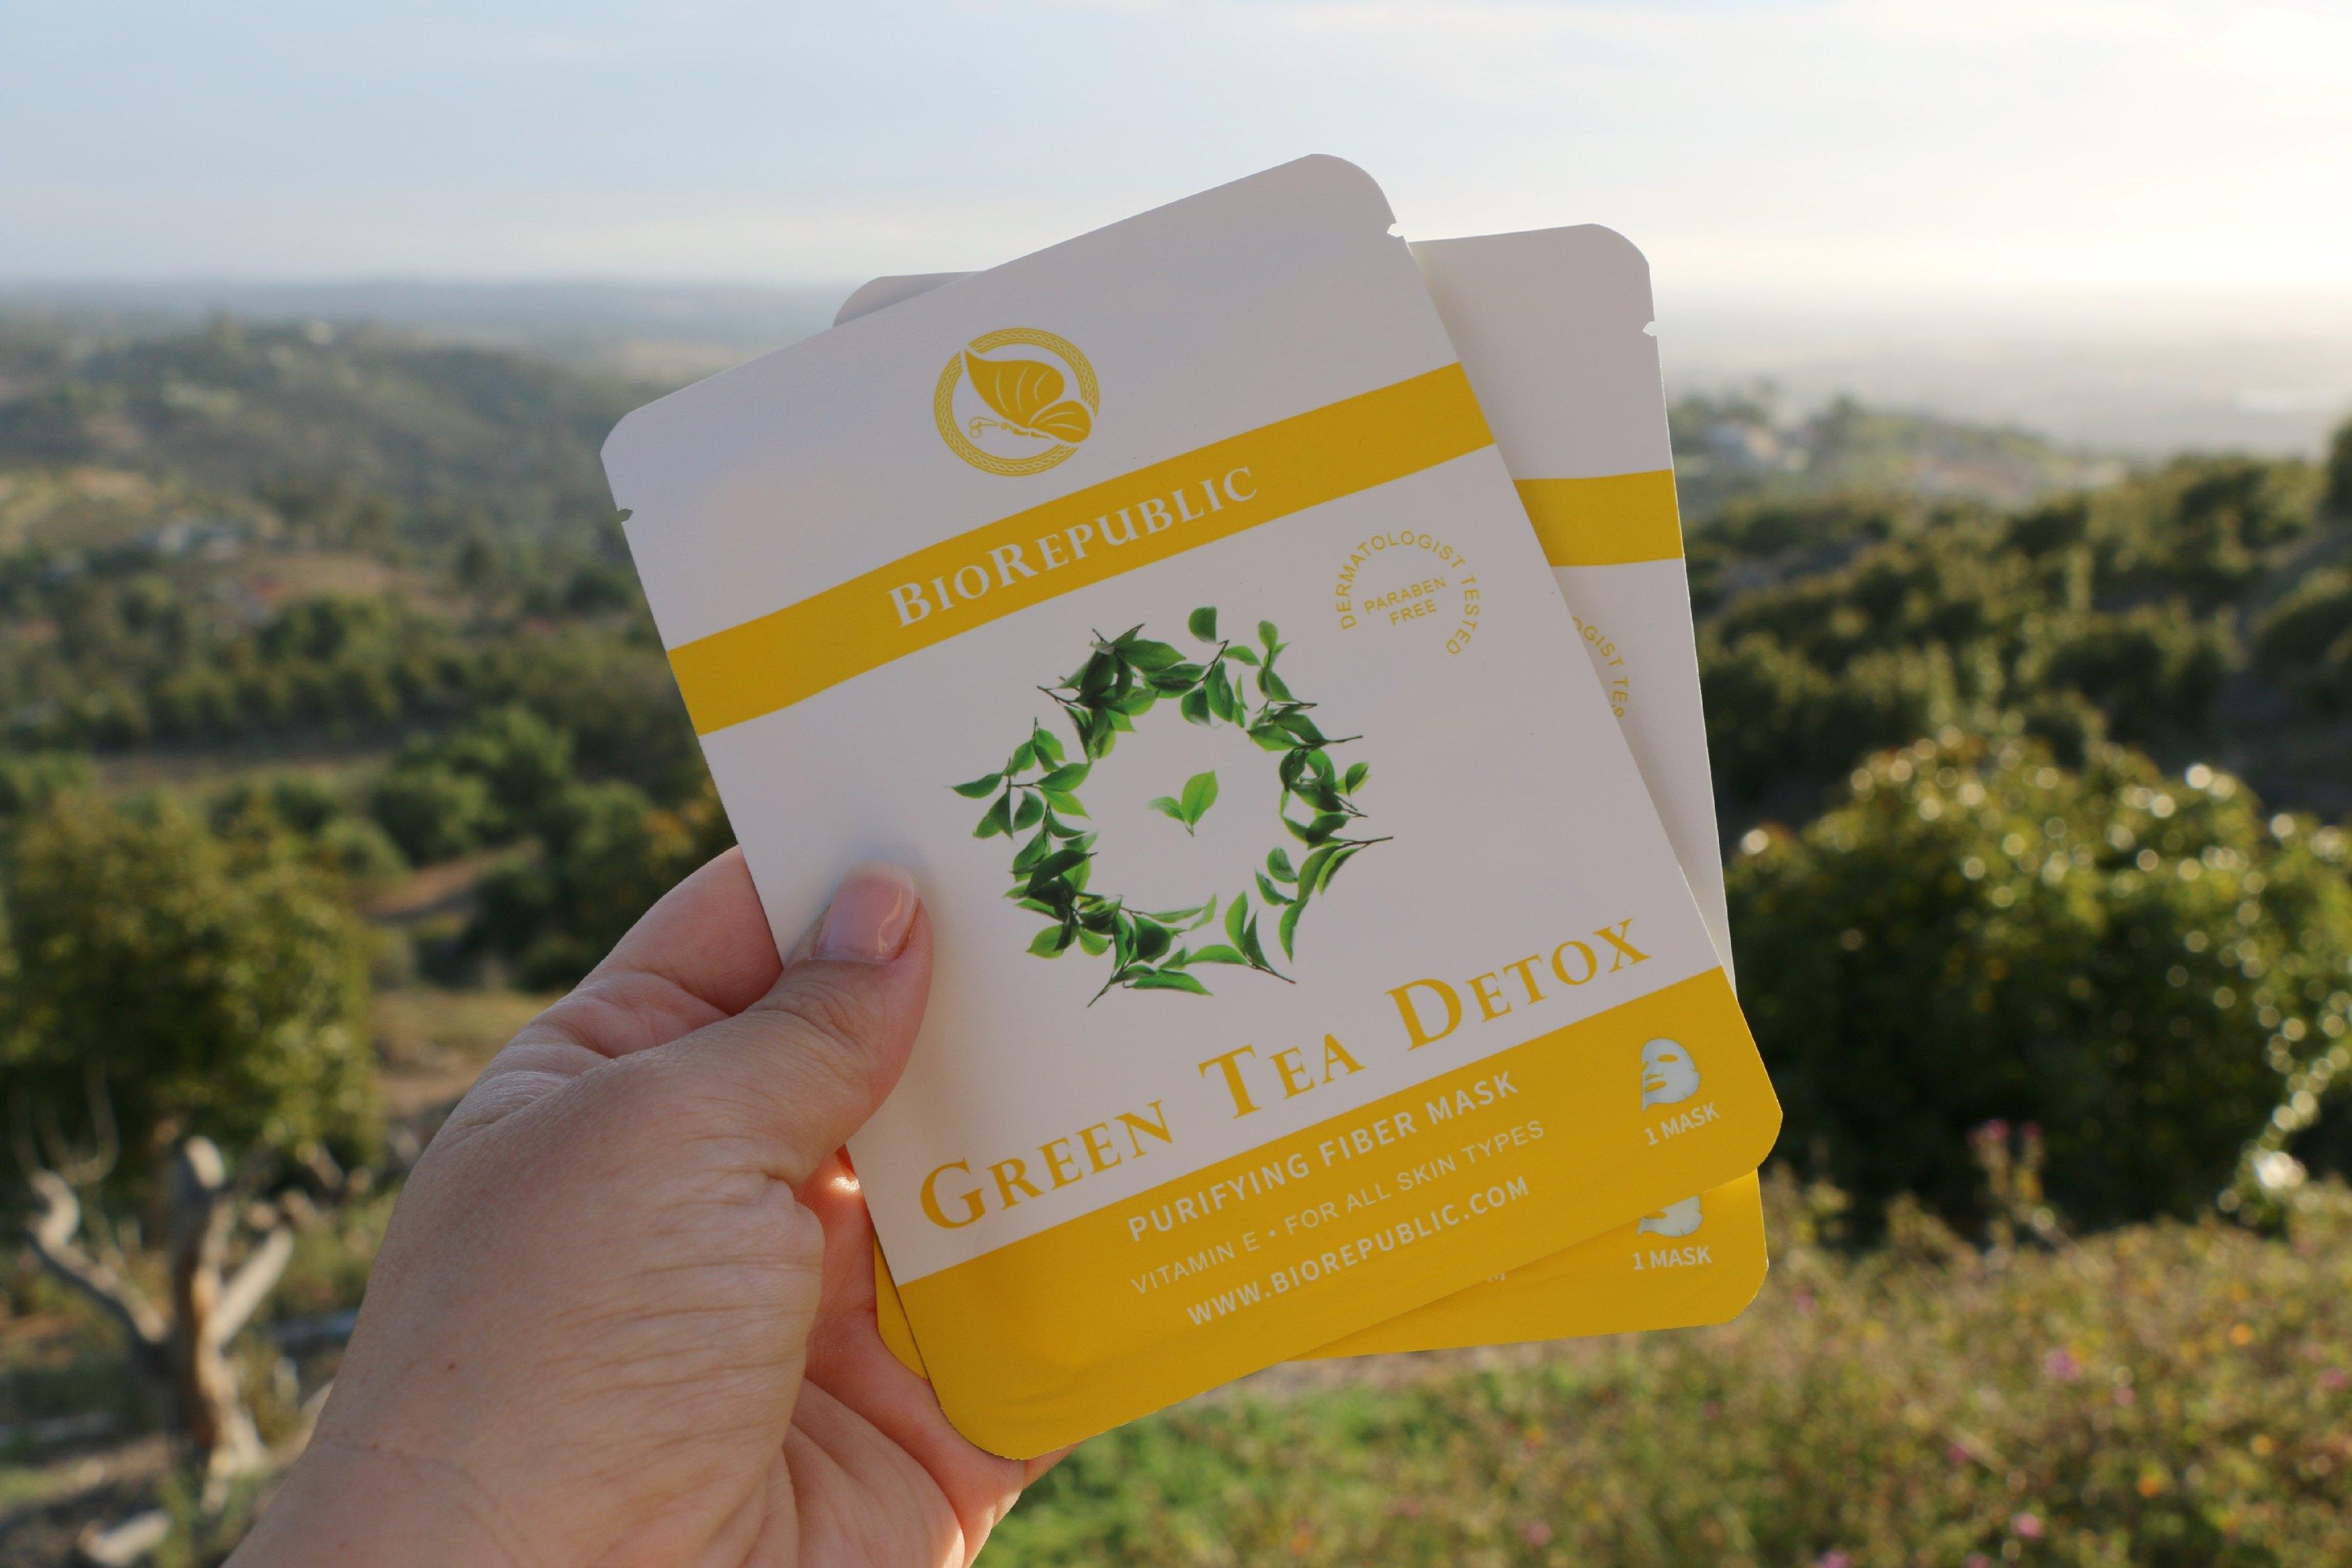 biorepublic green tea detox